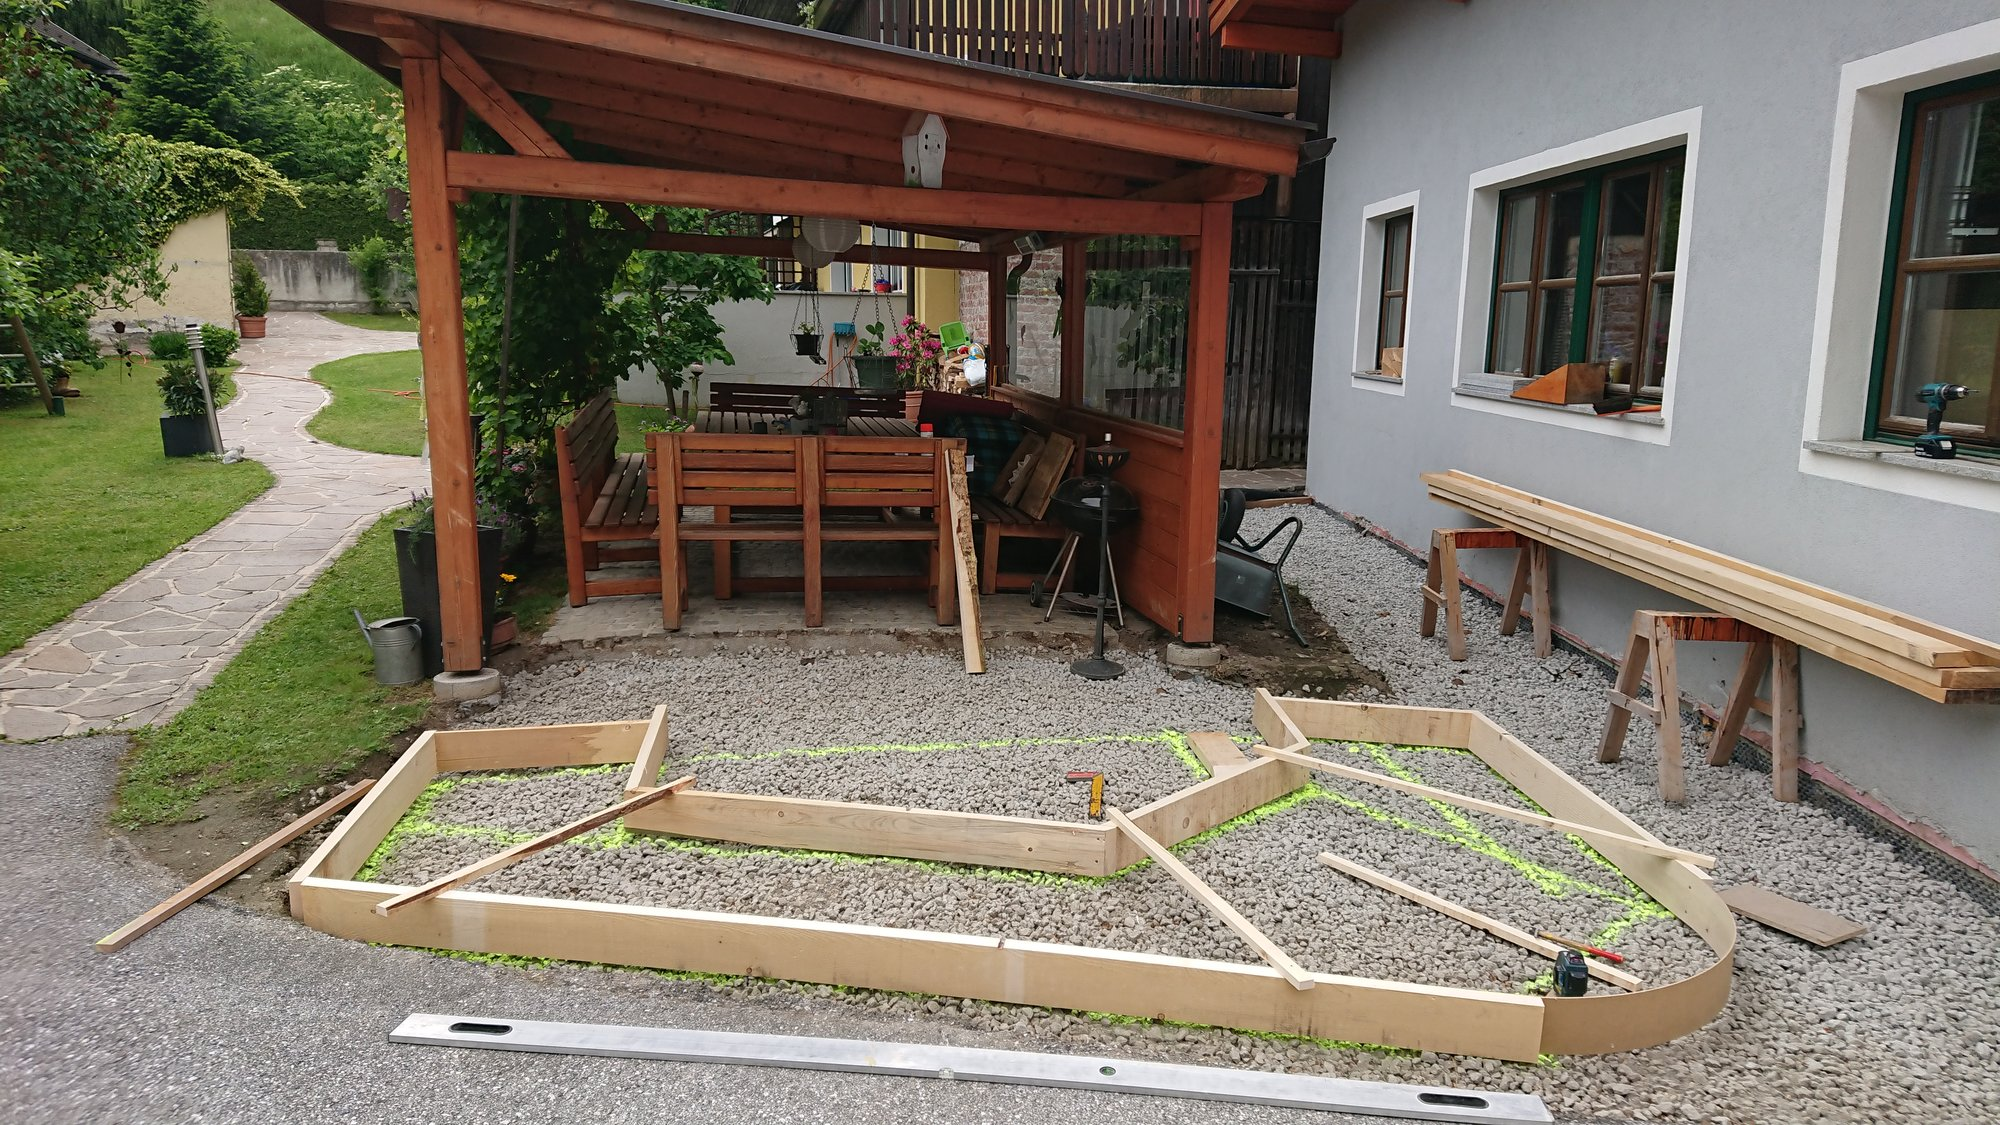 Weber Outdoor Küchen : Outdoor küche naturstein outdoor küche für weber grill